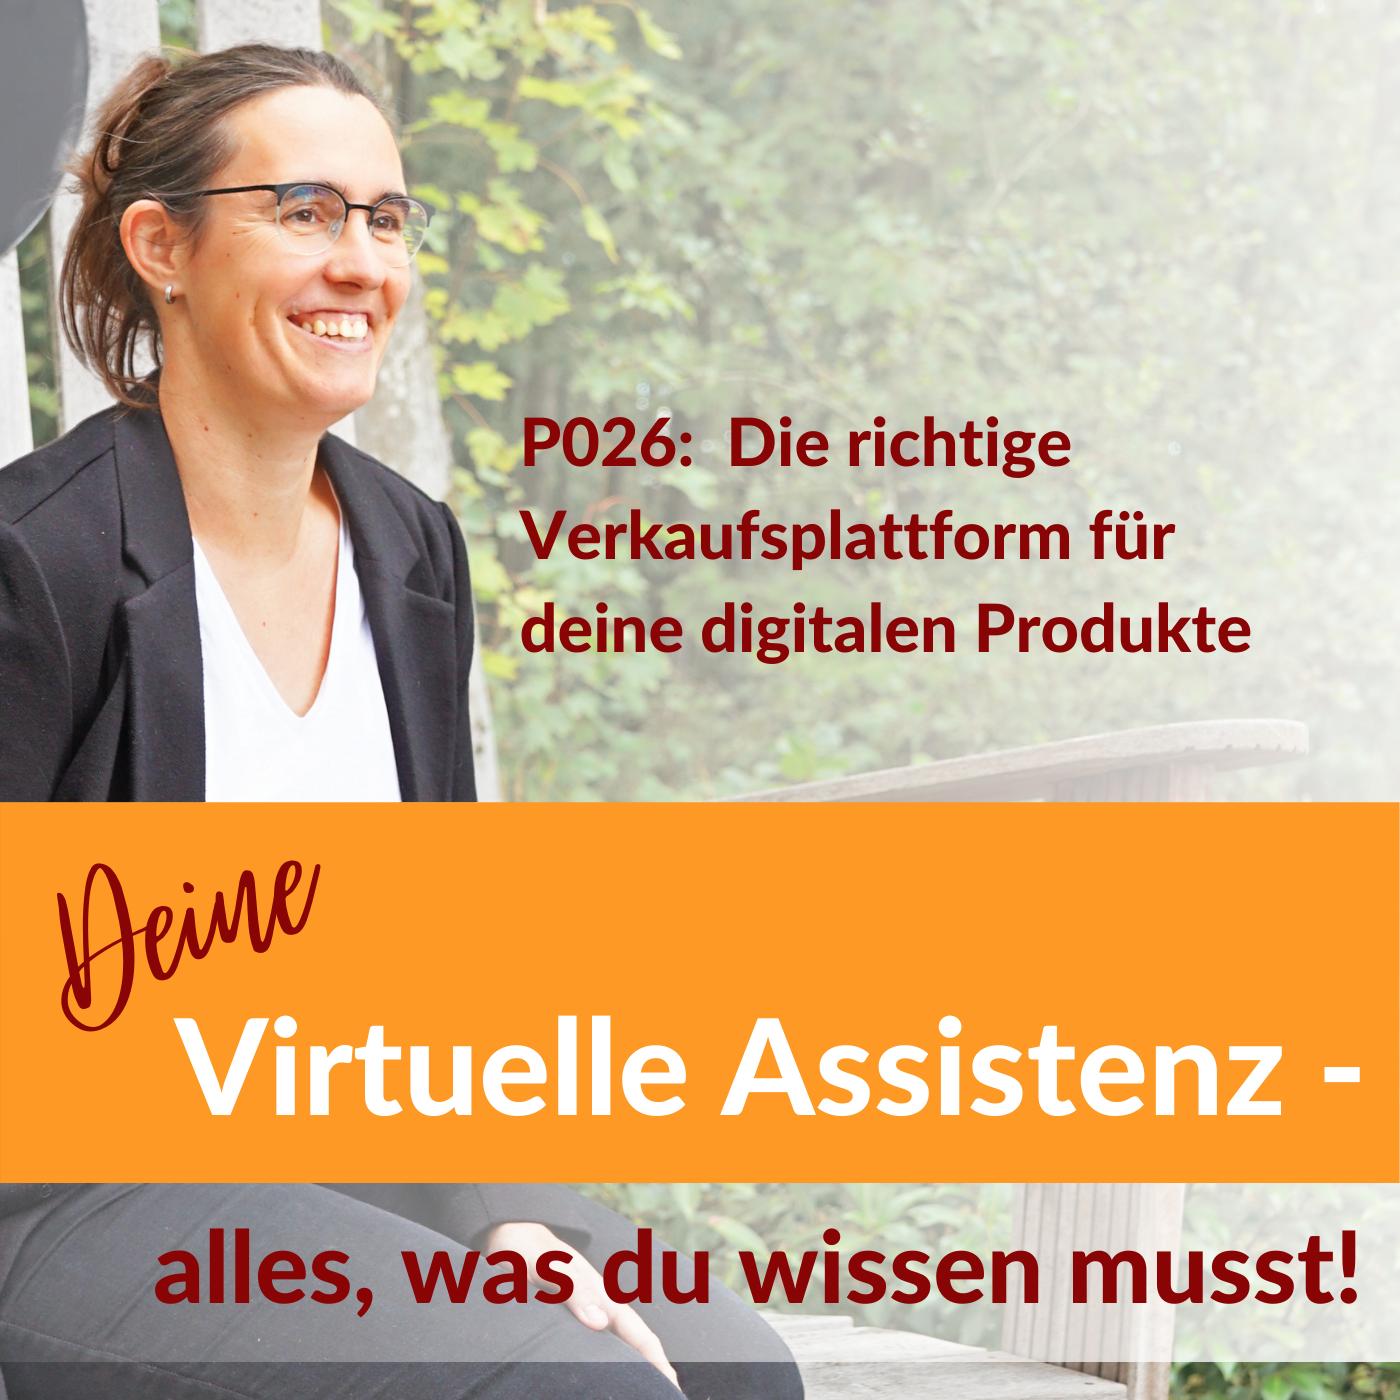 P026: Die richtige Verkaufsplattform für deine digitalen Produkte